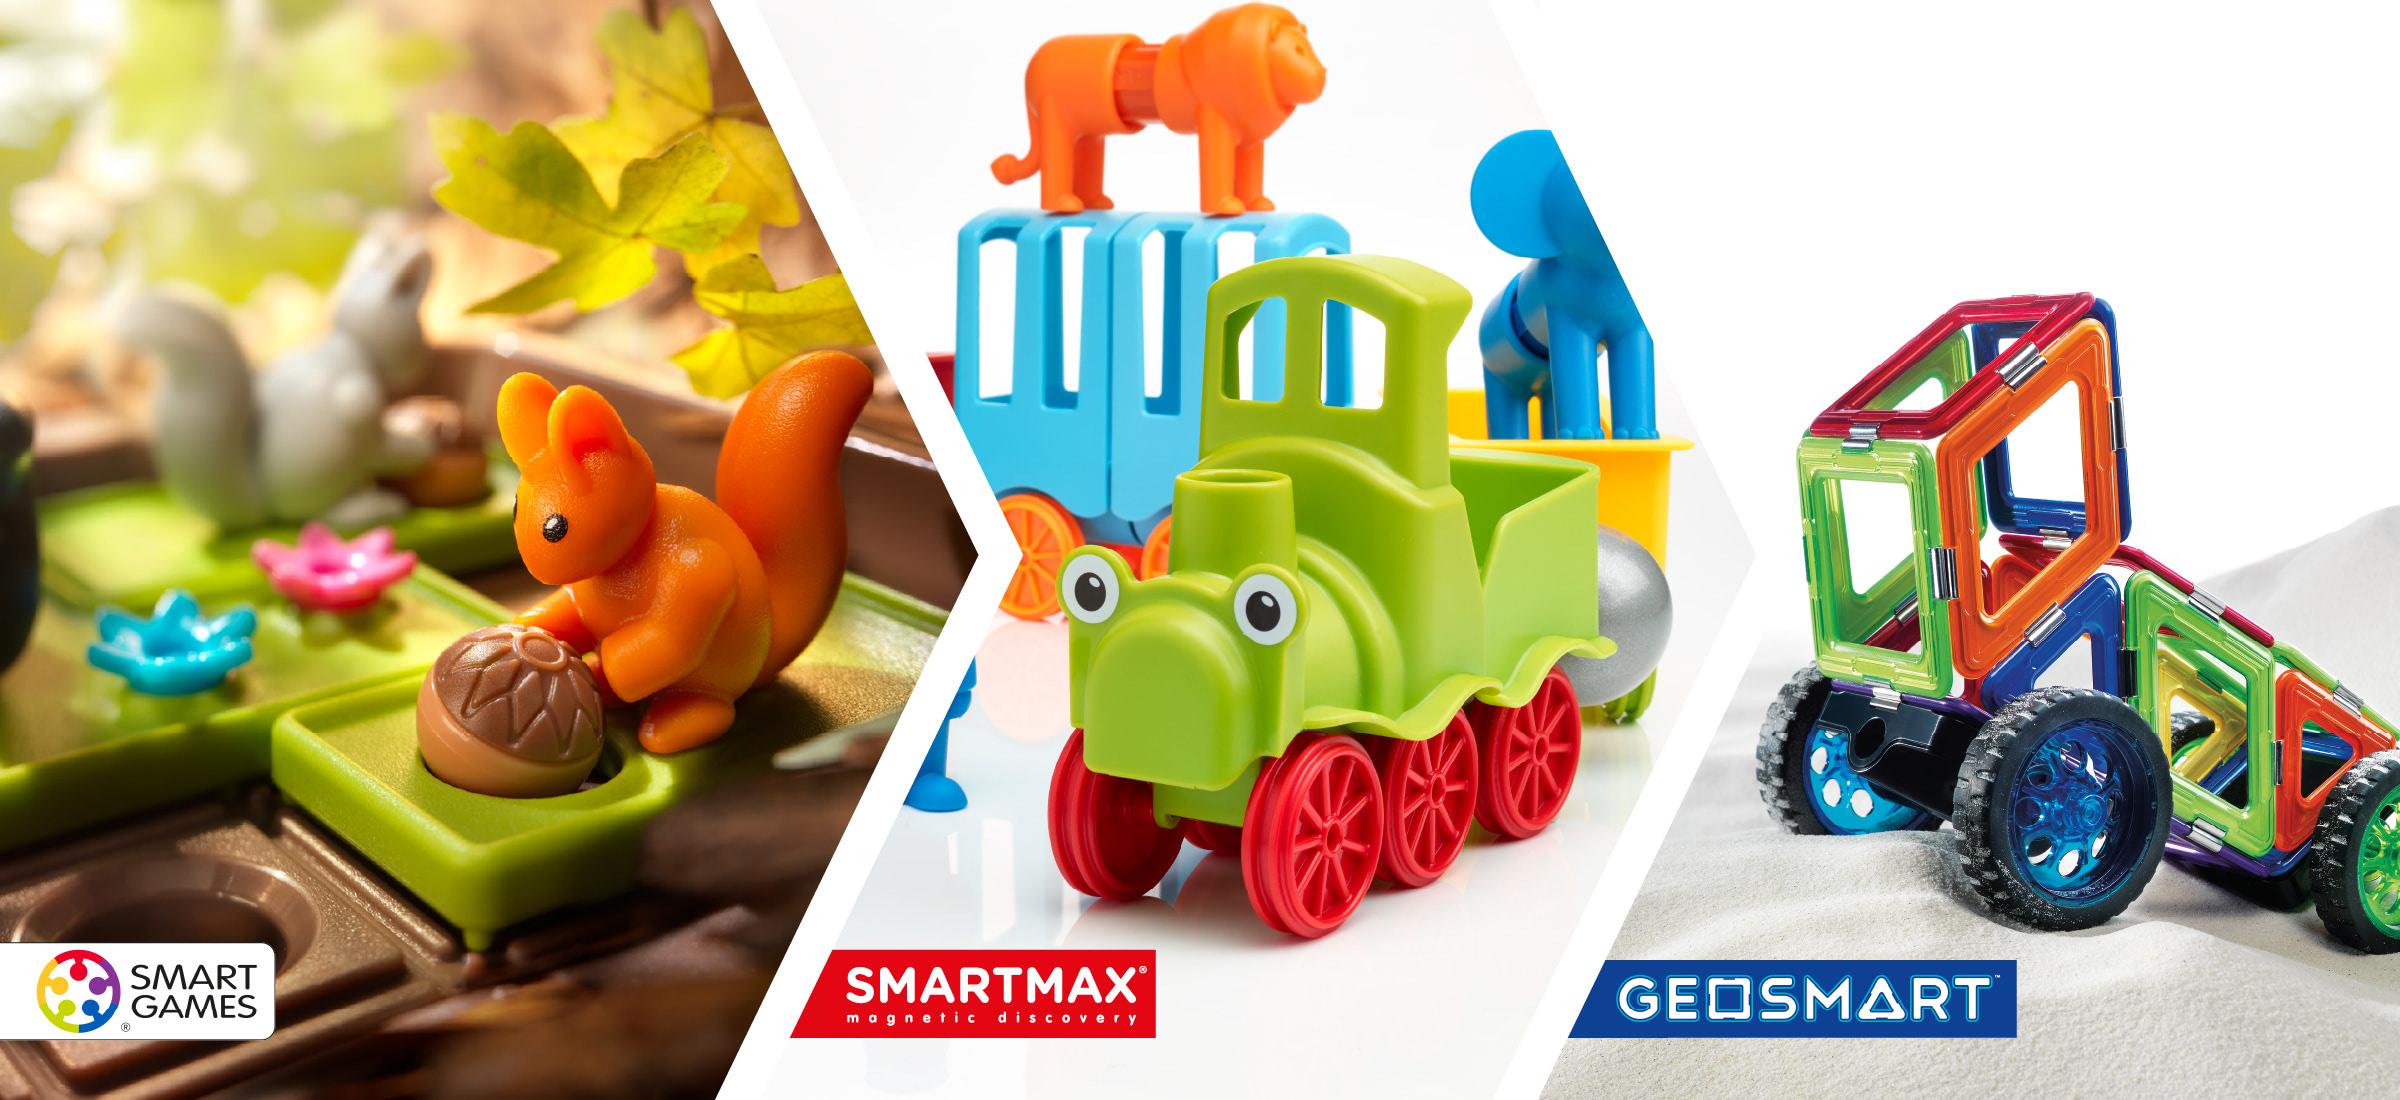 Onze merken, SmartGames, SmartMax en Geosmart